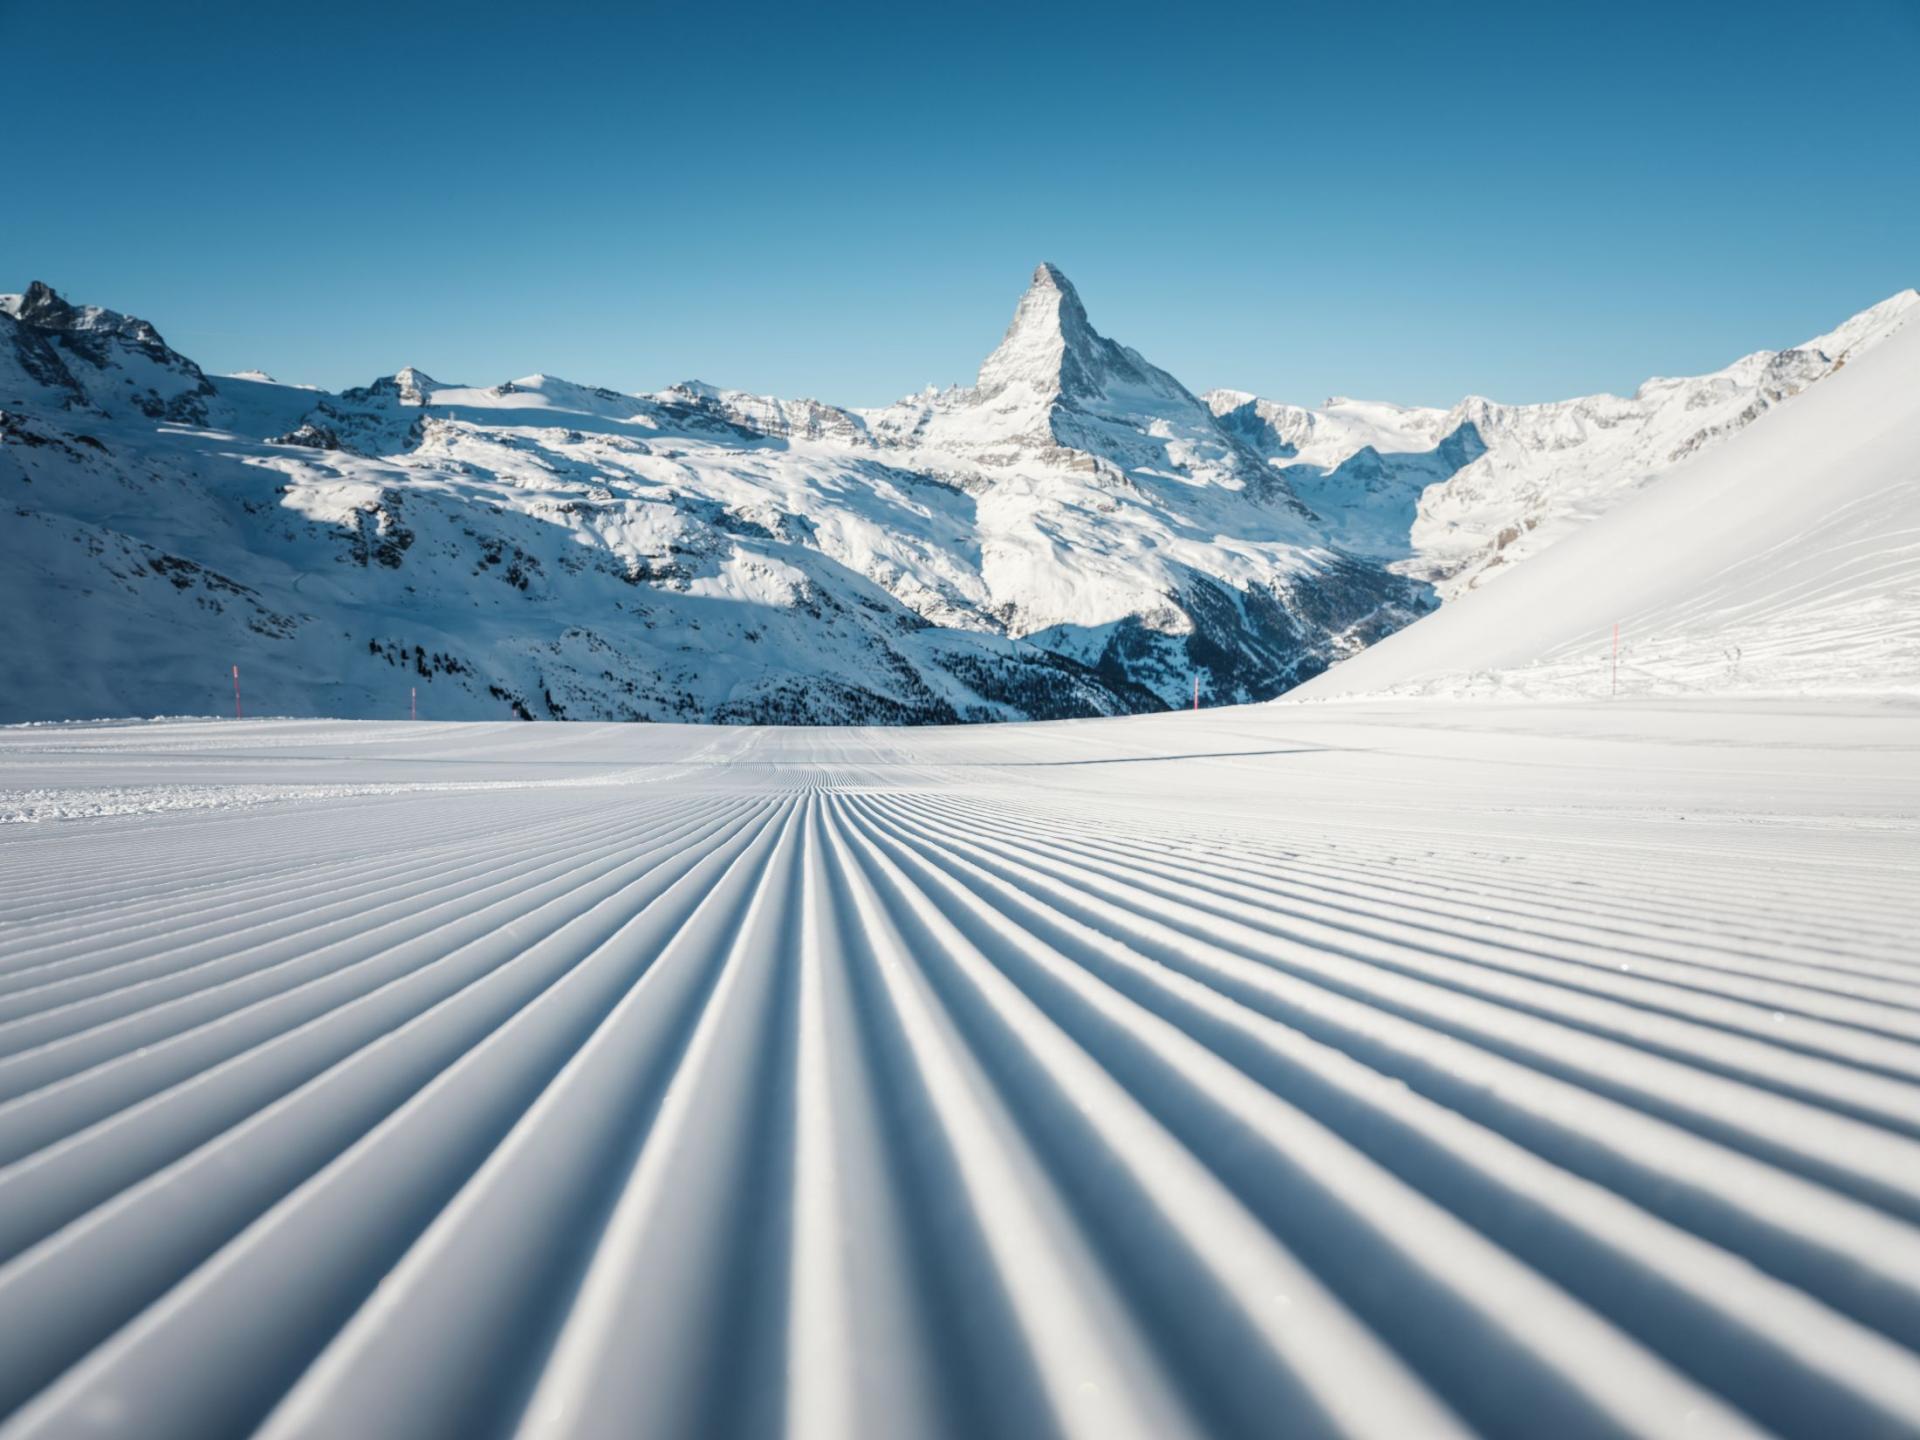 skiing in Zermatt, Matterhorn skiing, top ski runs in Zermatt